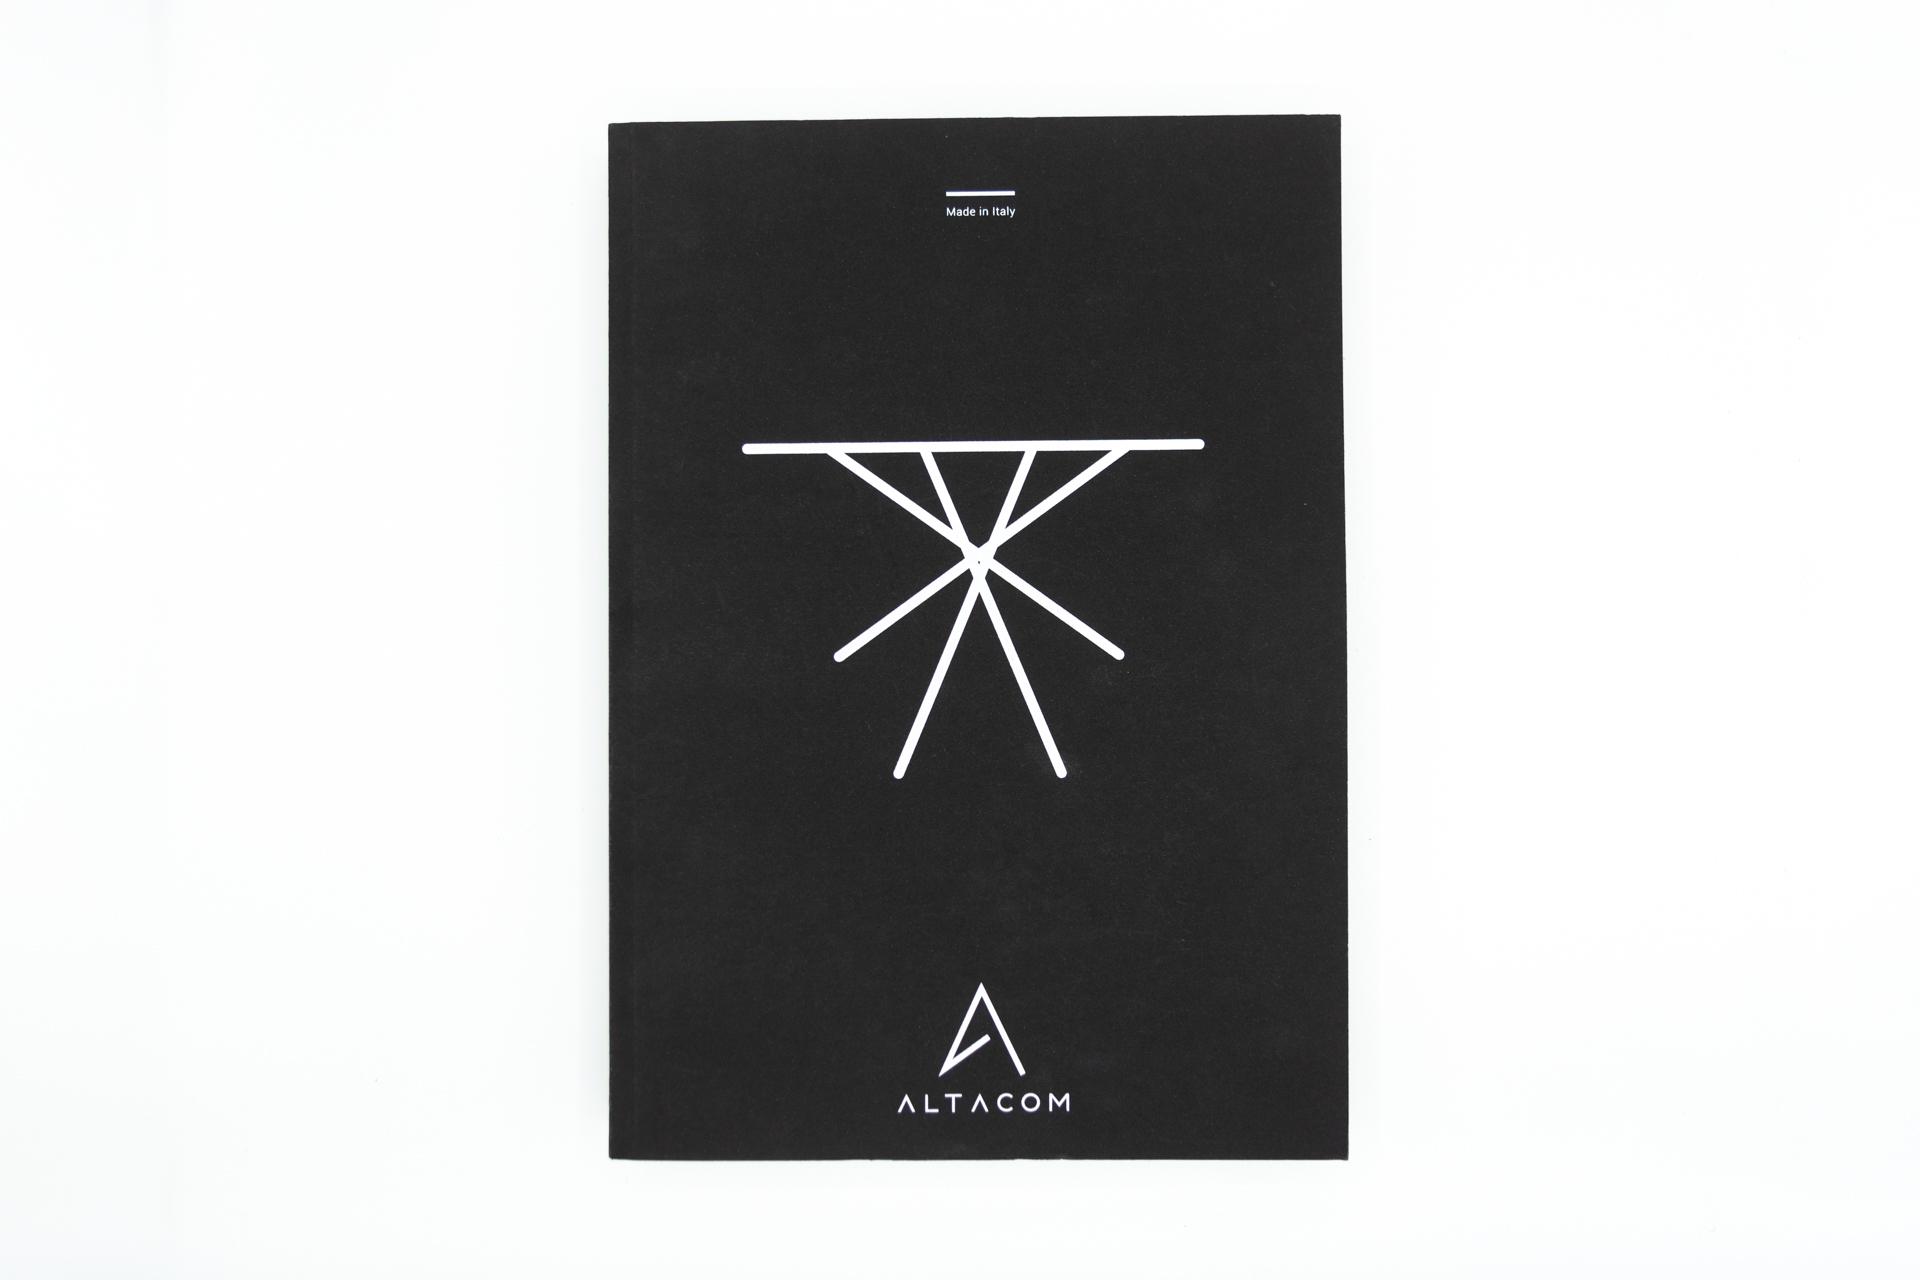 altacom-tavoli-design-cover